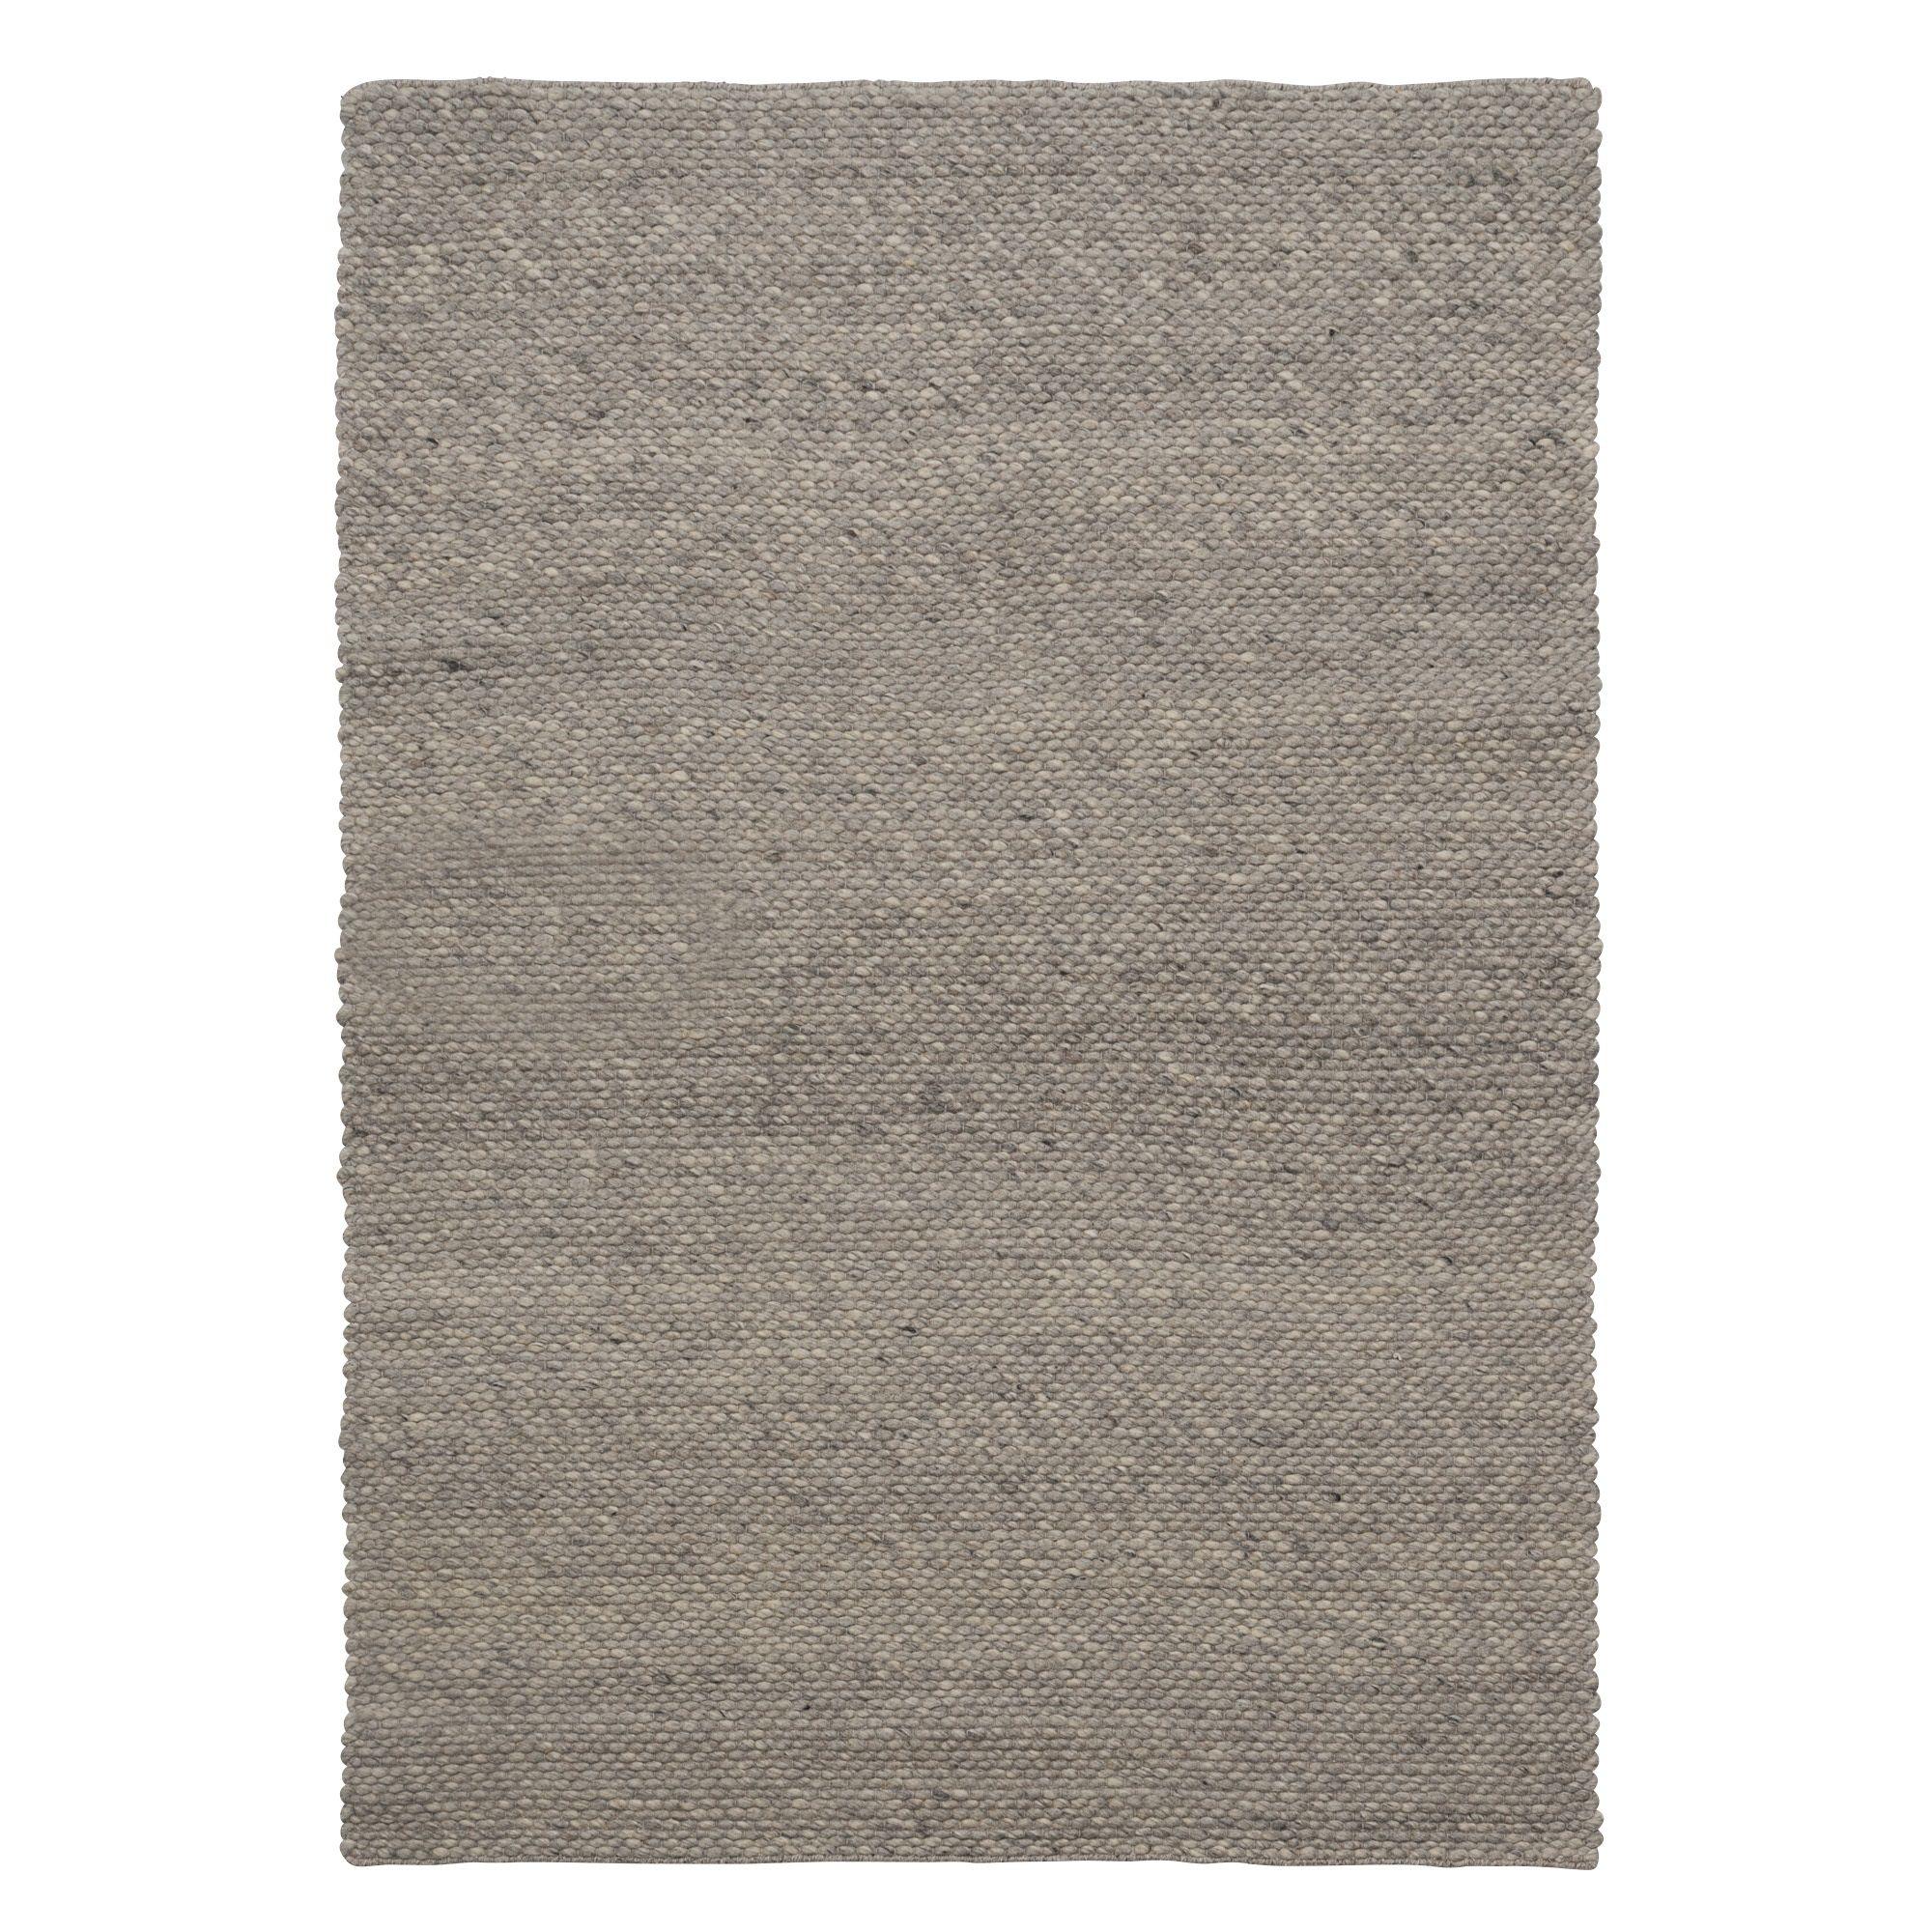 fbc0bcd3b5dabc Handgemaakt vloerkleed Molino van 20% katoen en 80% wol. Voorzien van het  Care